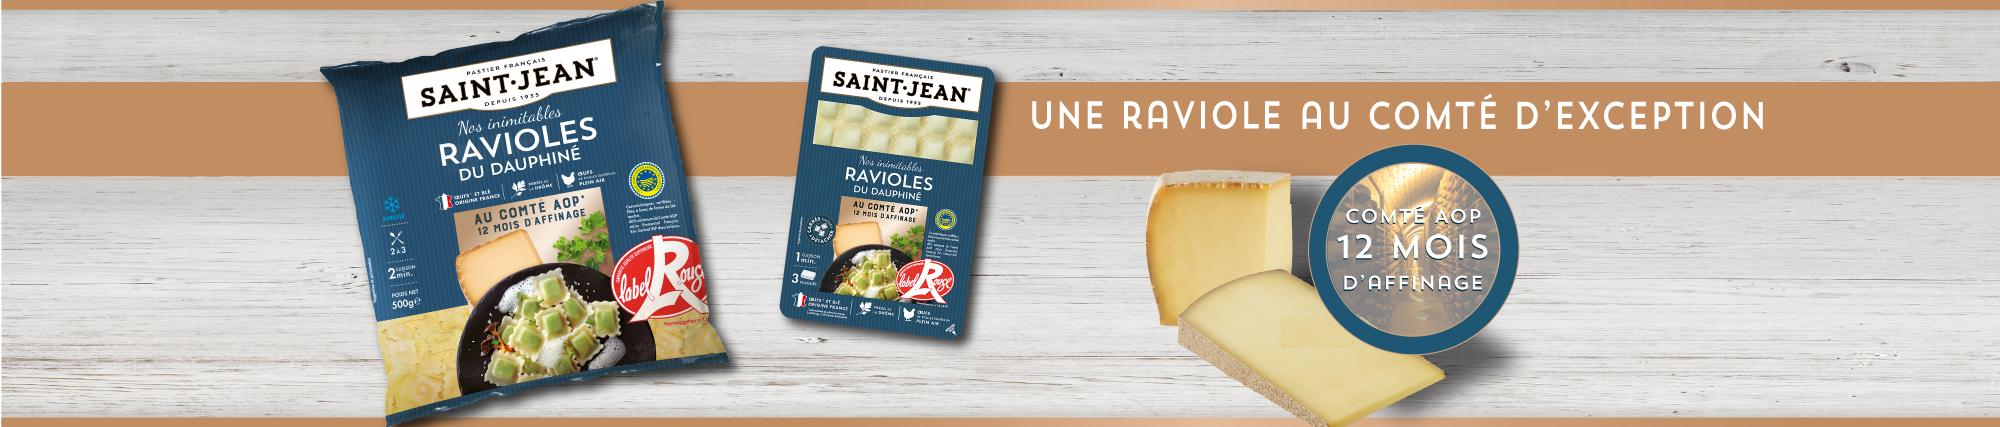 Ravioles du Dauphiné IGP au comté AOP 12 mois d'affinage / Label Rouge